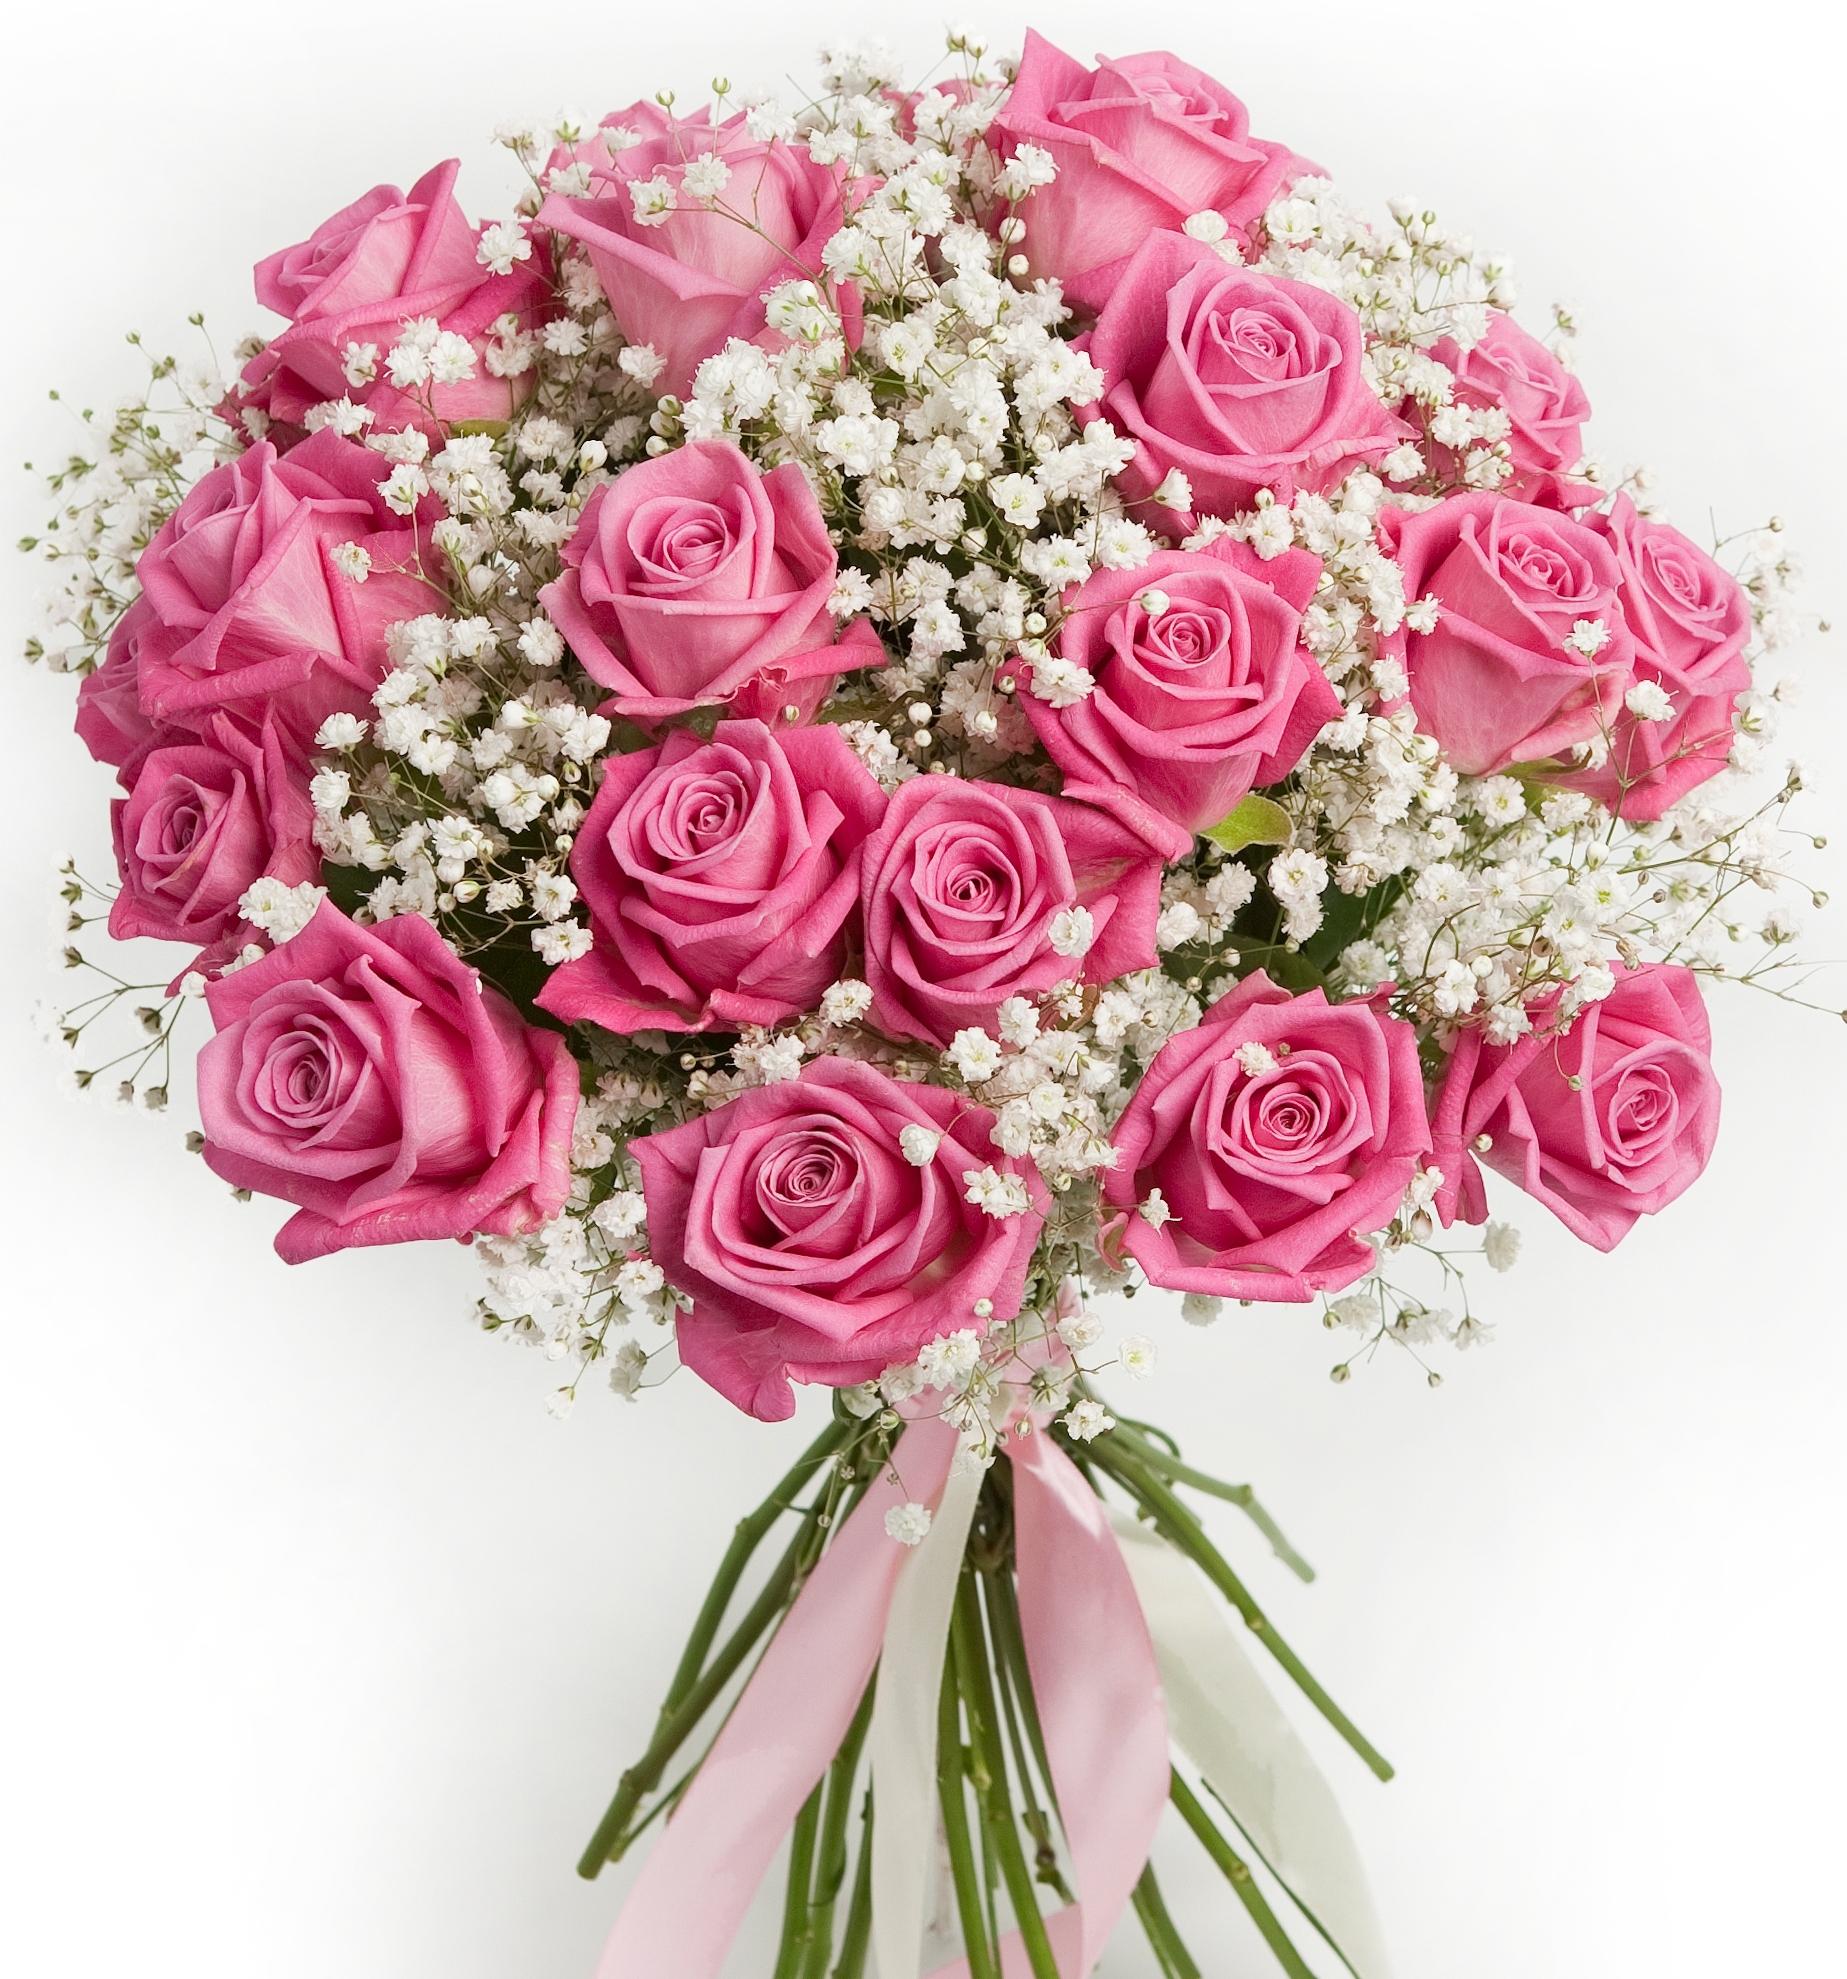 Мечта<br>Ингредиенты: Роза (50 см) 25 шт, Гипсофила 6 шт;